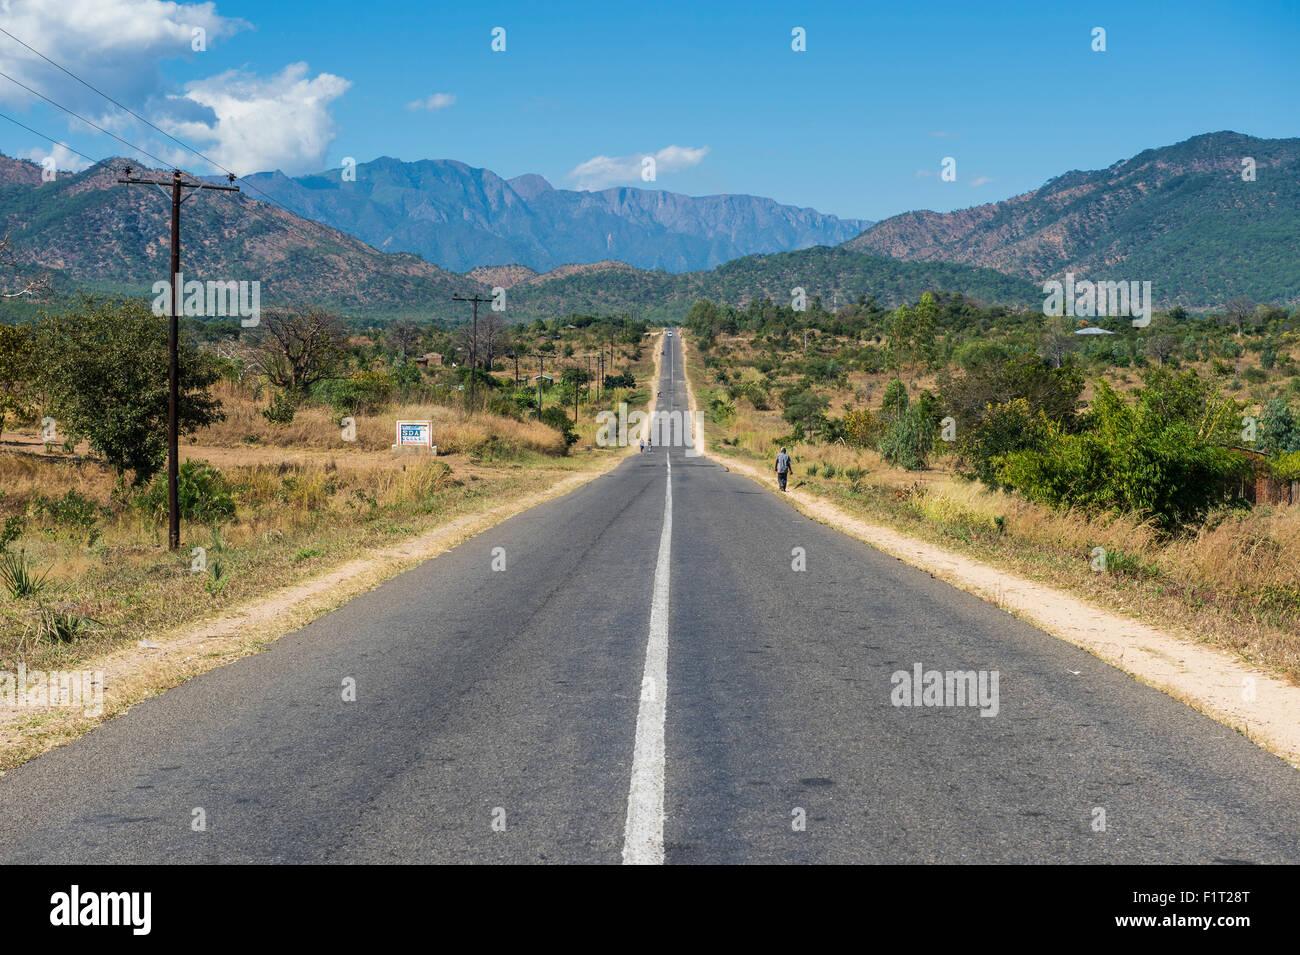 Largo camino recto en la región central de Malawi, África Imagen De Stock